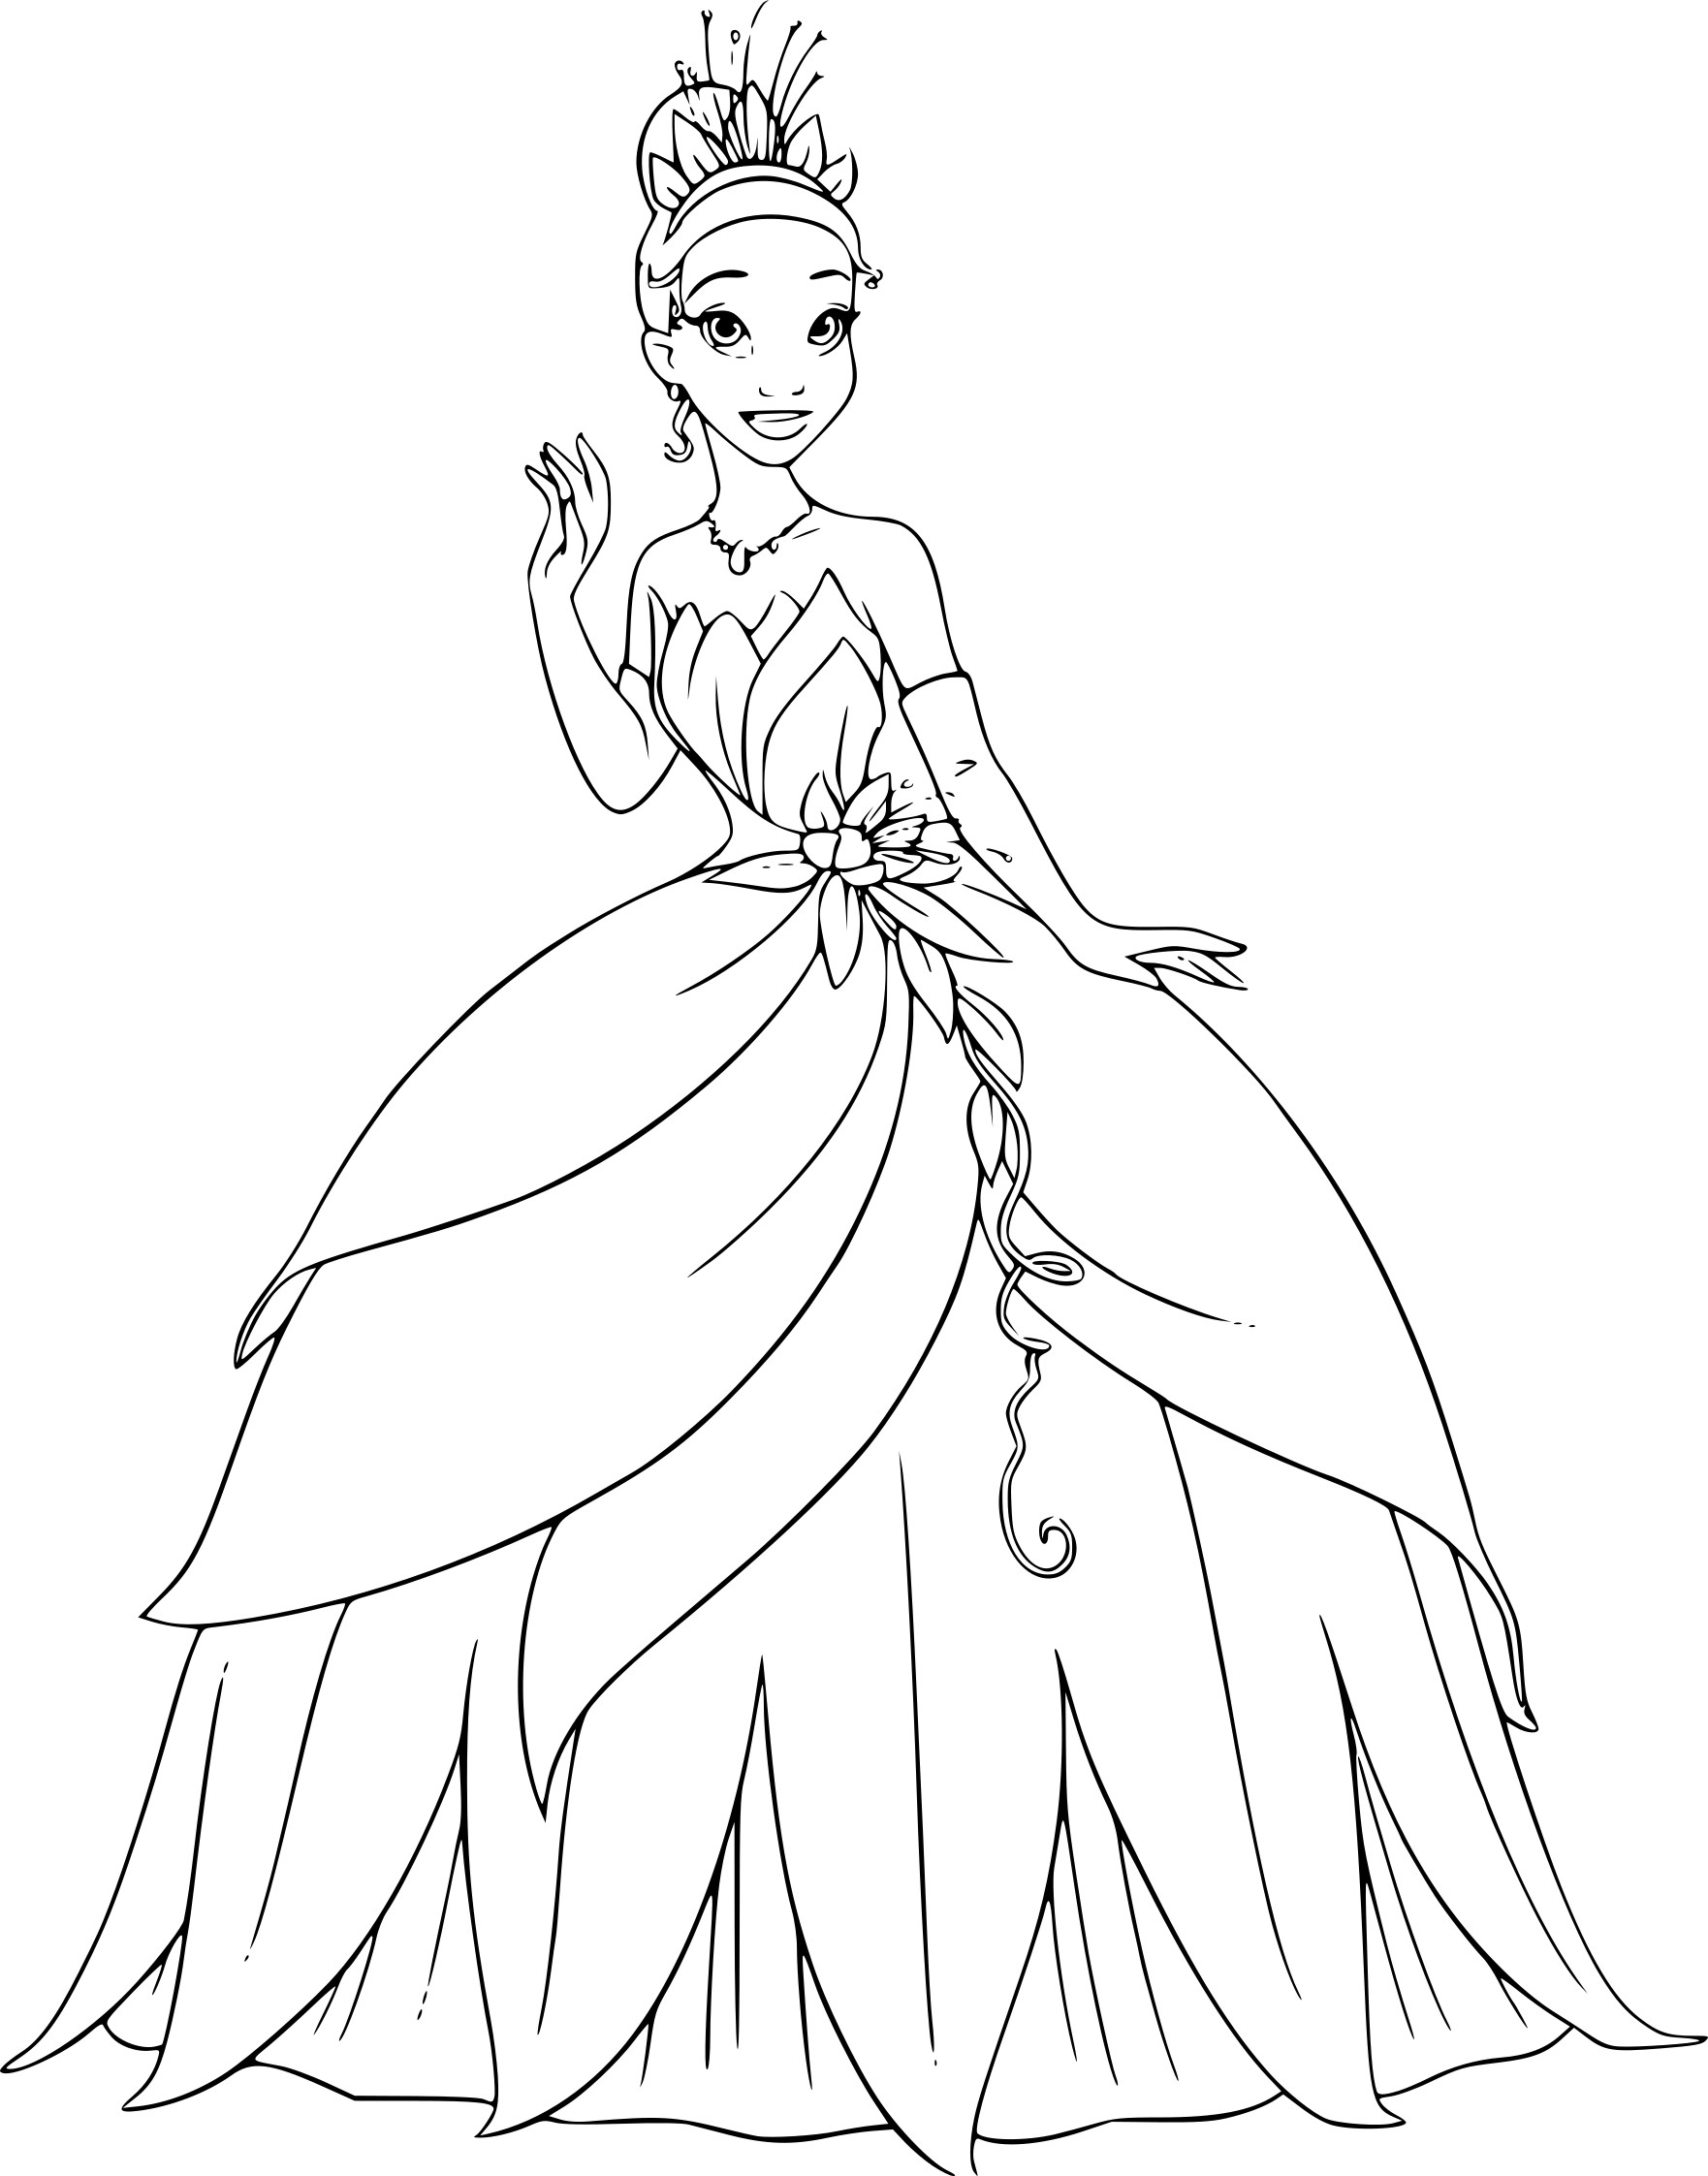 Coloriage Princesse Tiana À Imprimer - Coloriage Disney dedans Coloriage Princesses Disney À Imprimer